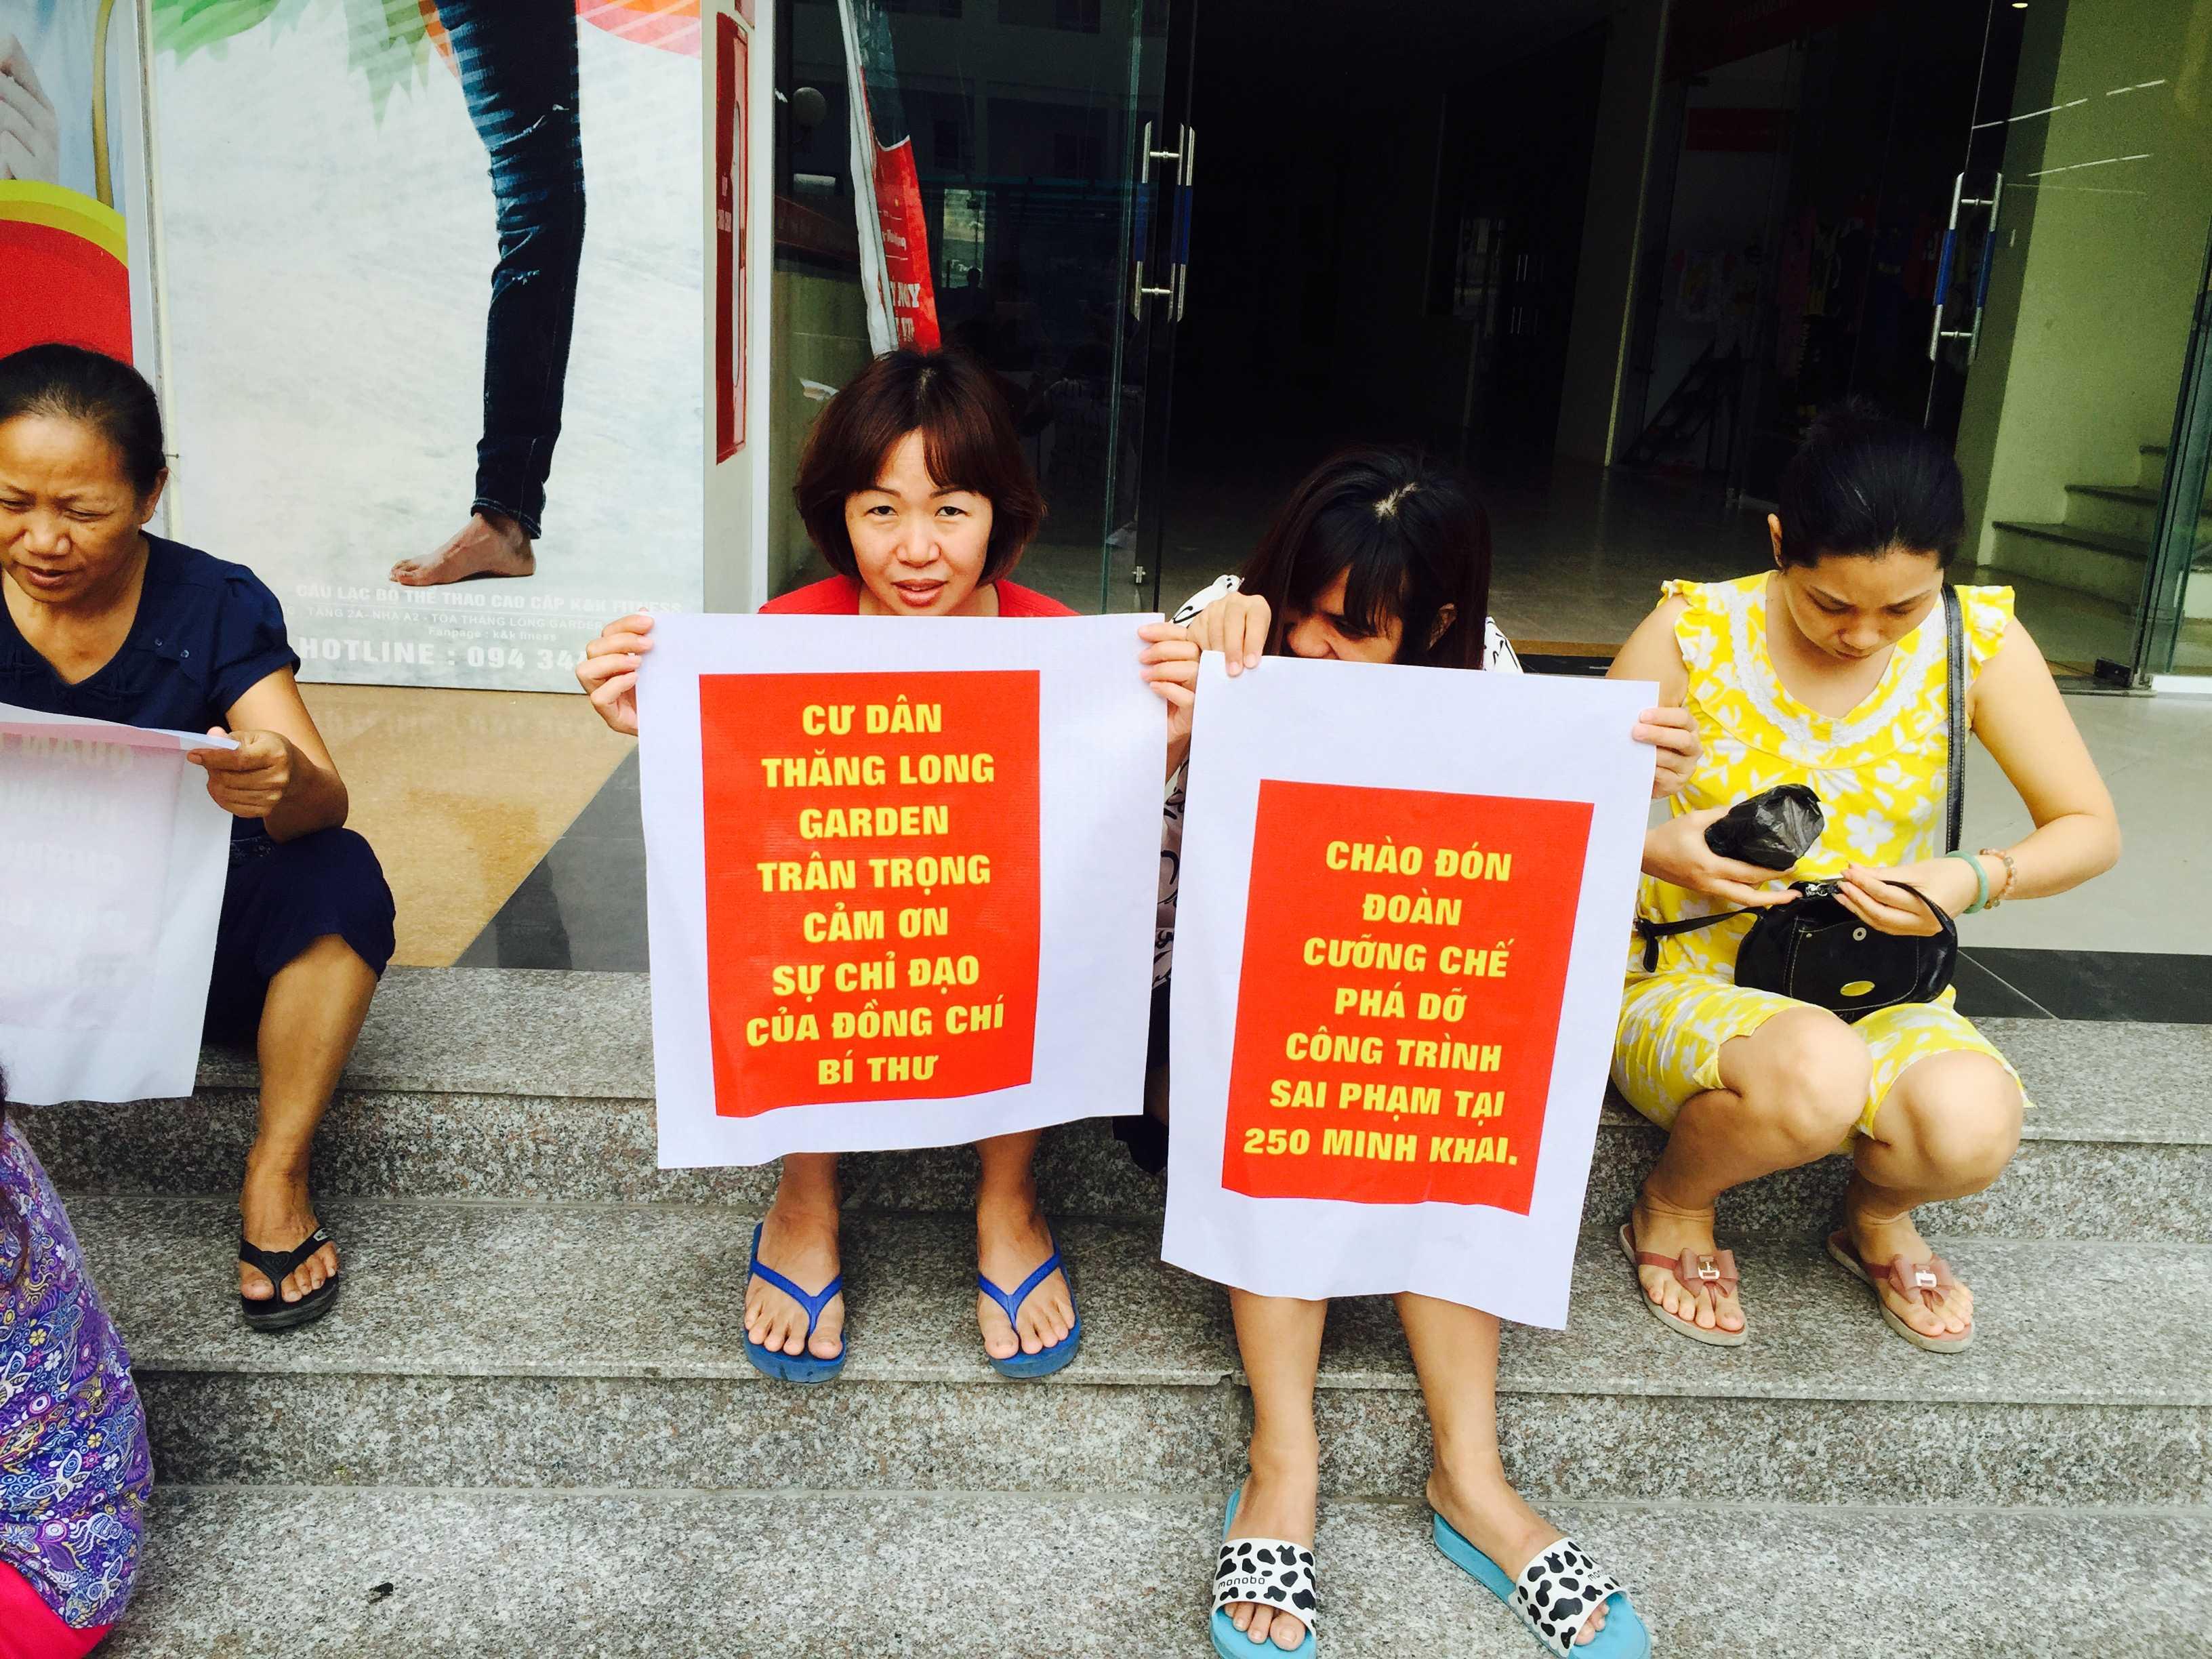 Quá hạn cưỡng chế, cư dân Thăng Long Garden đề nghị chính quyền xử lý các sai phạm. Ảnh: Châu Anh